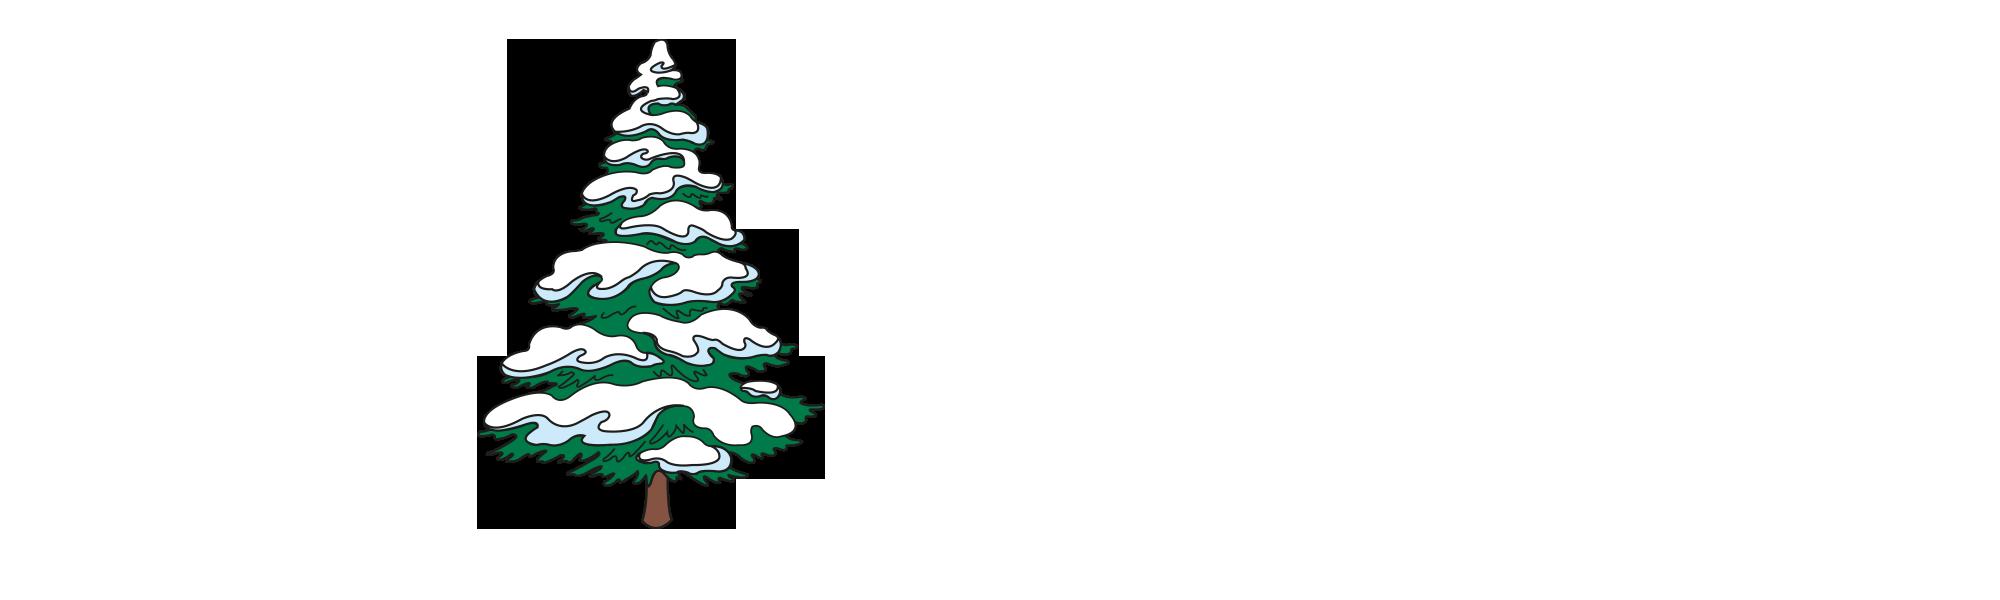 151119-kiju-header-element-schneebaum